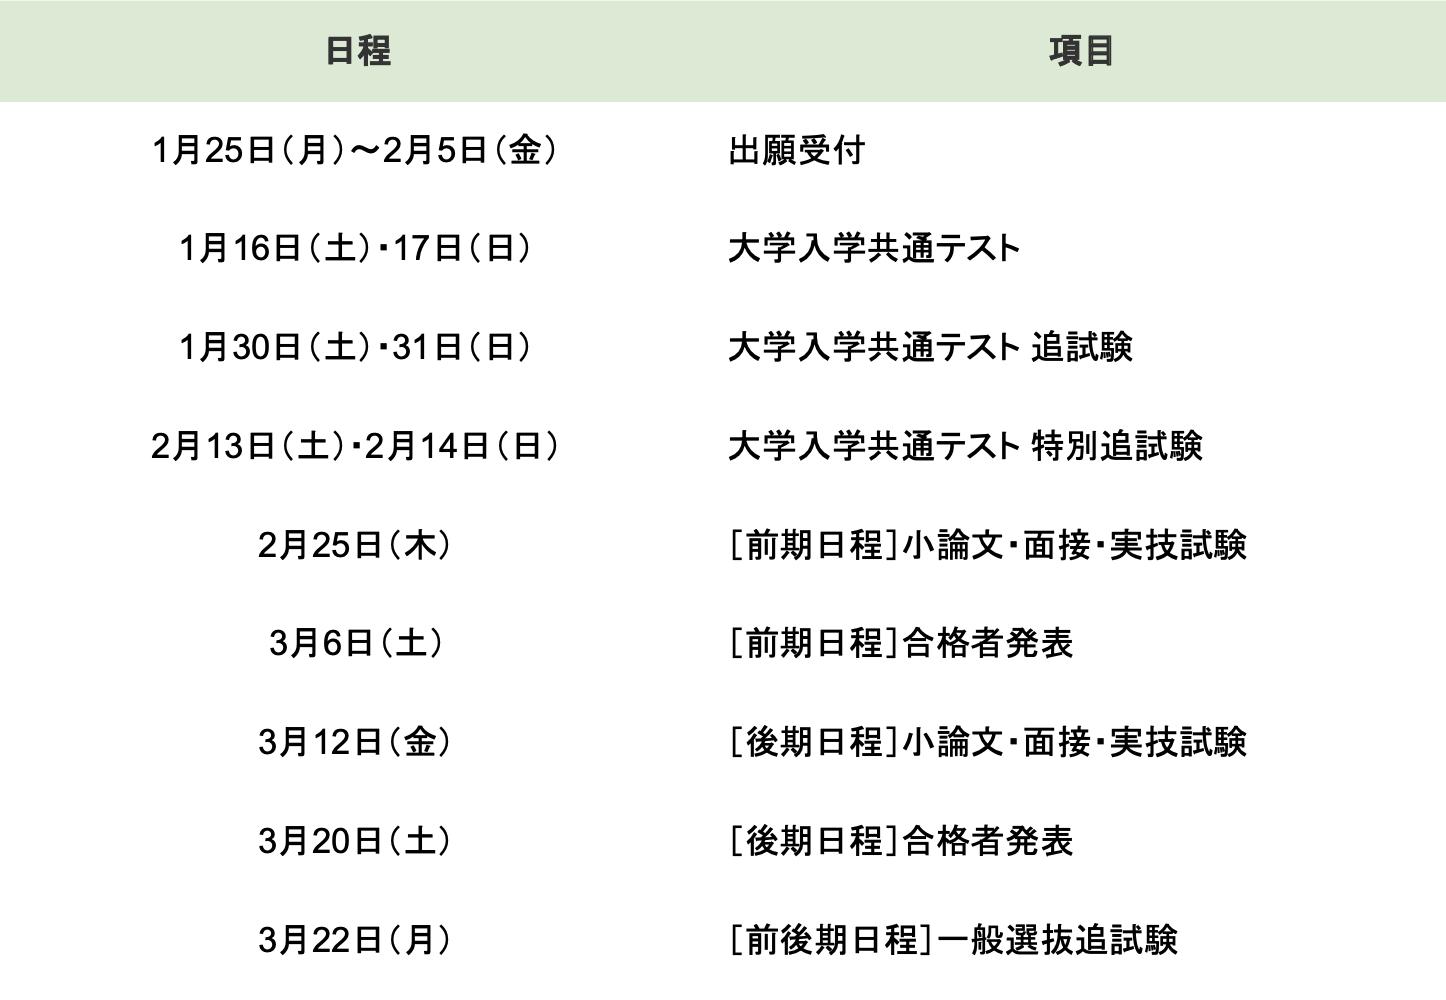 入試 大学 日程 公立 国